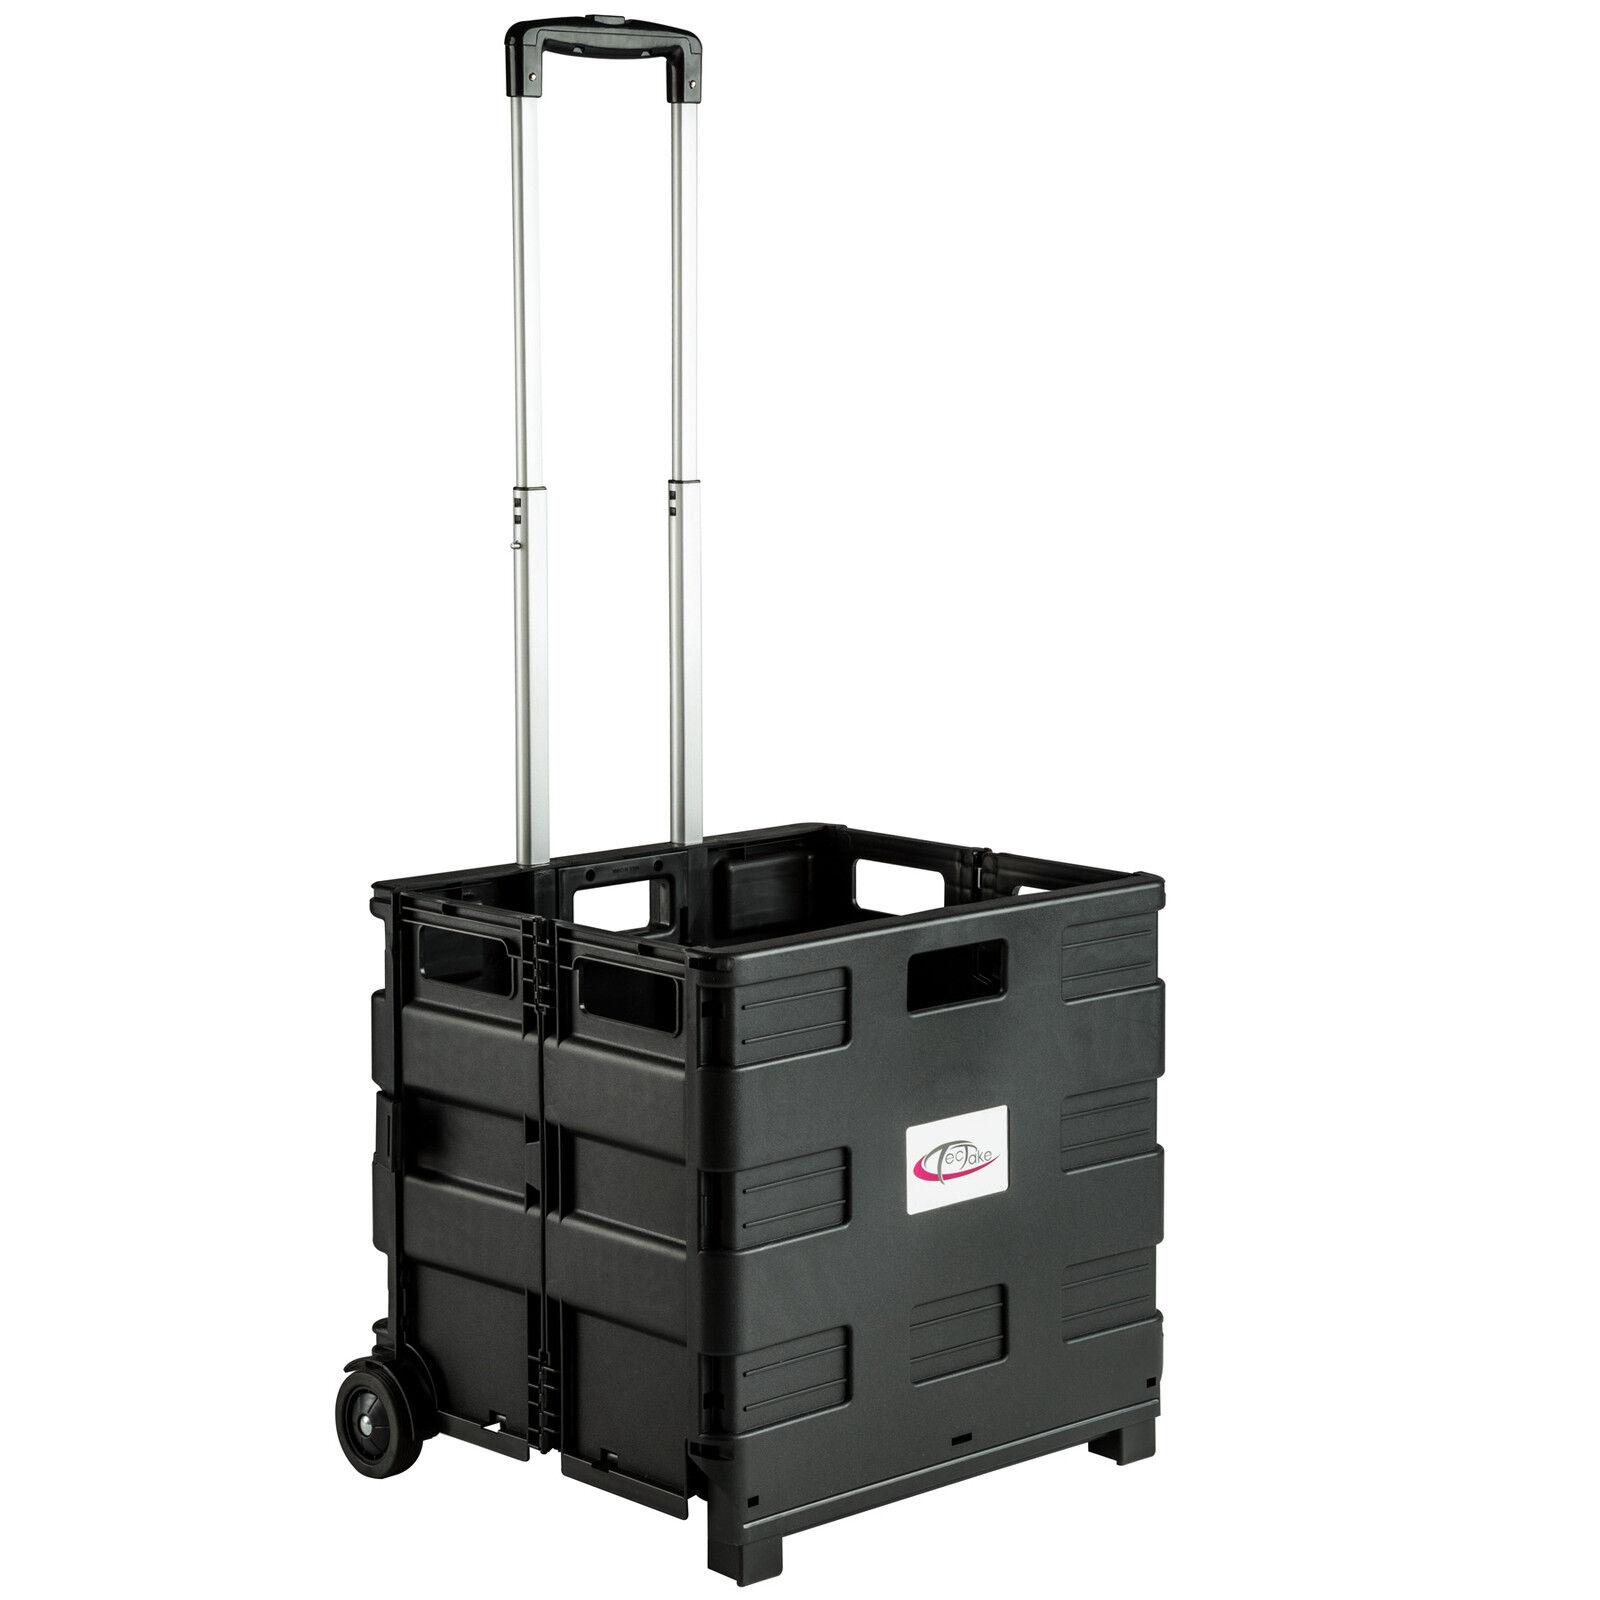 chariot de courses pliable 35kg caddie trolley caddy de shopping avec 2 roues eur 25 90. Black Bedroom Furniture Sets. Home Design Ideas